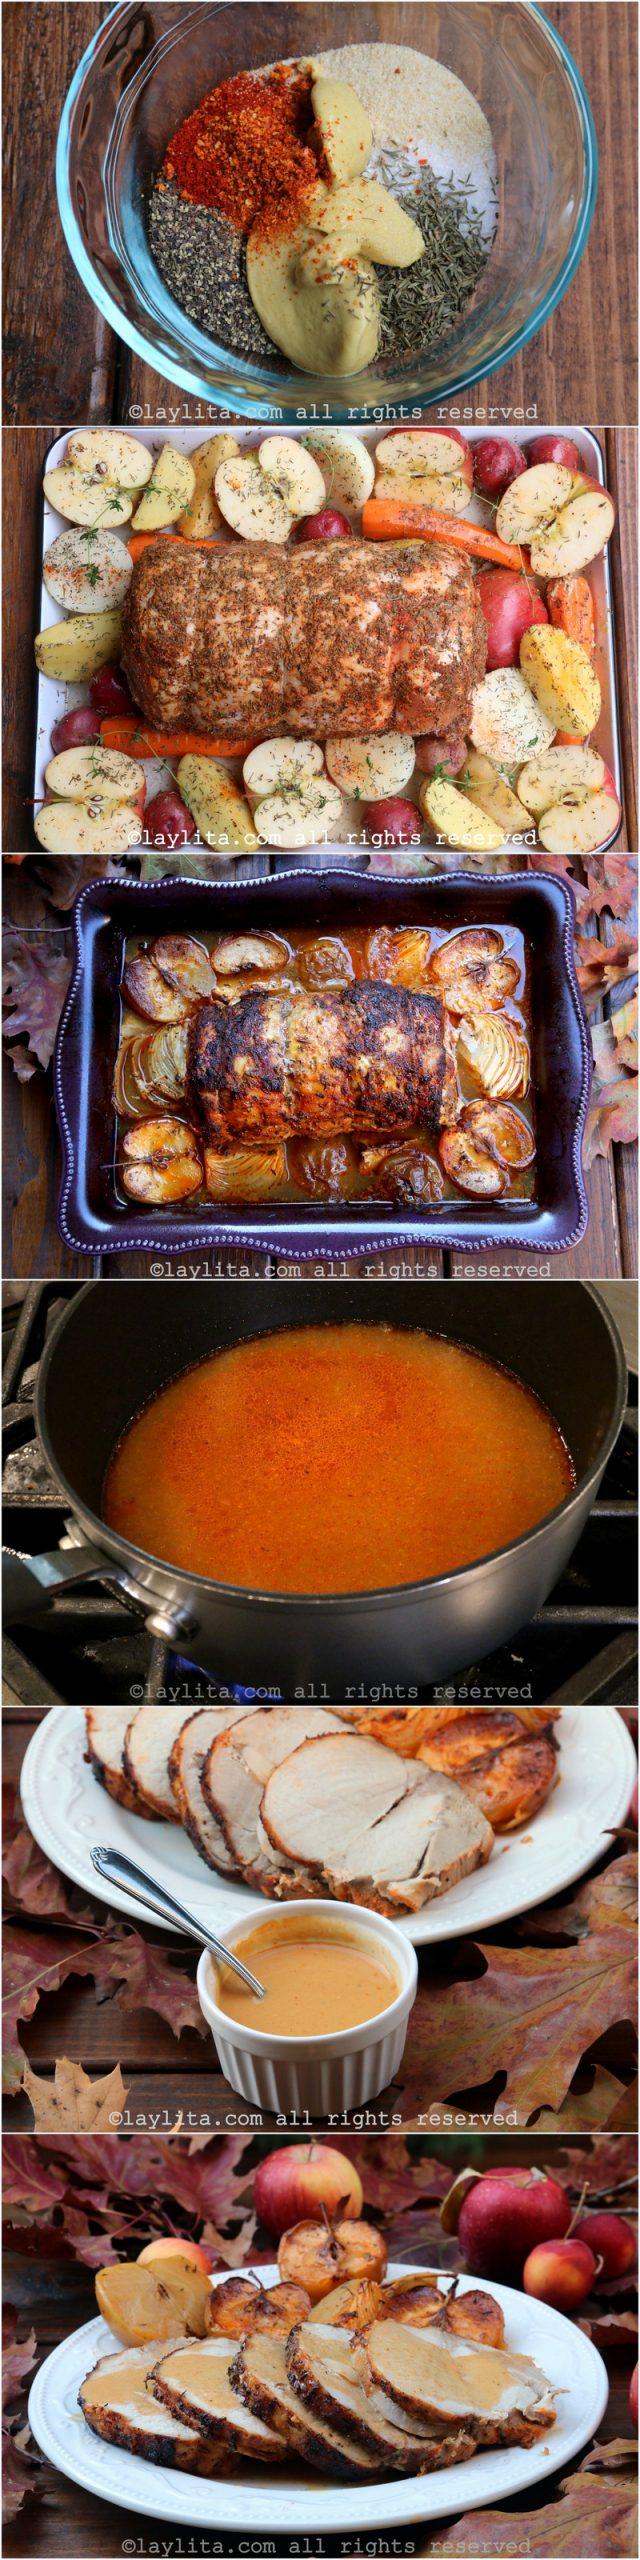 Como preparar lomo de cerdo o chancho asado con manzanas y salsa de sidra